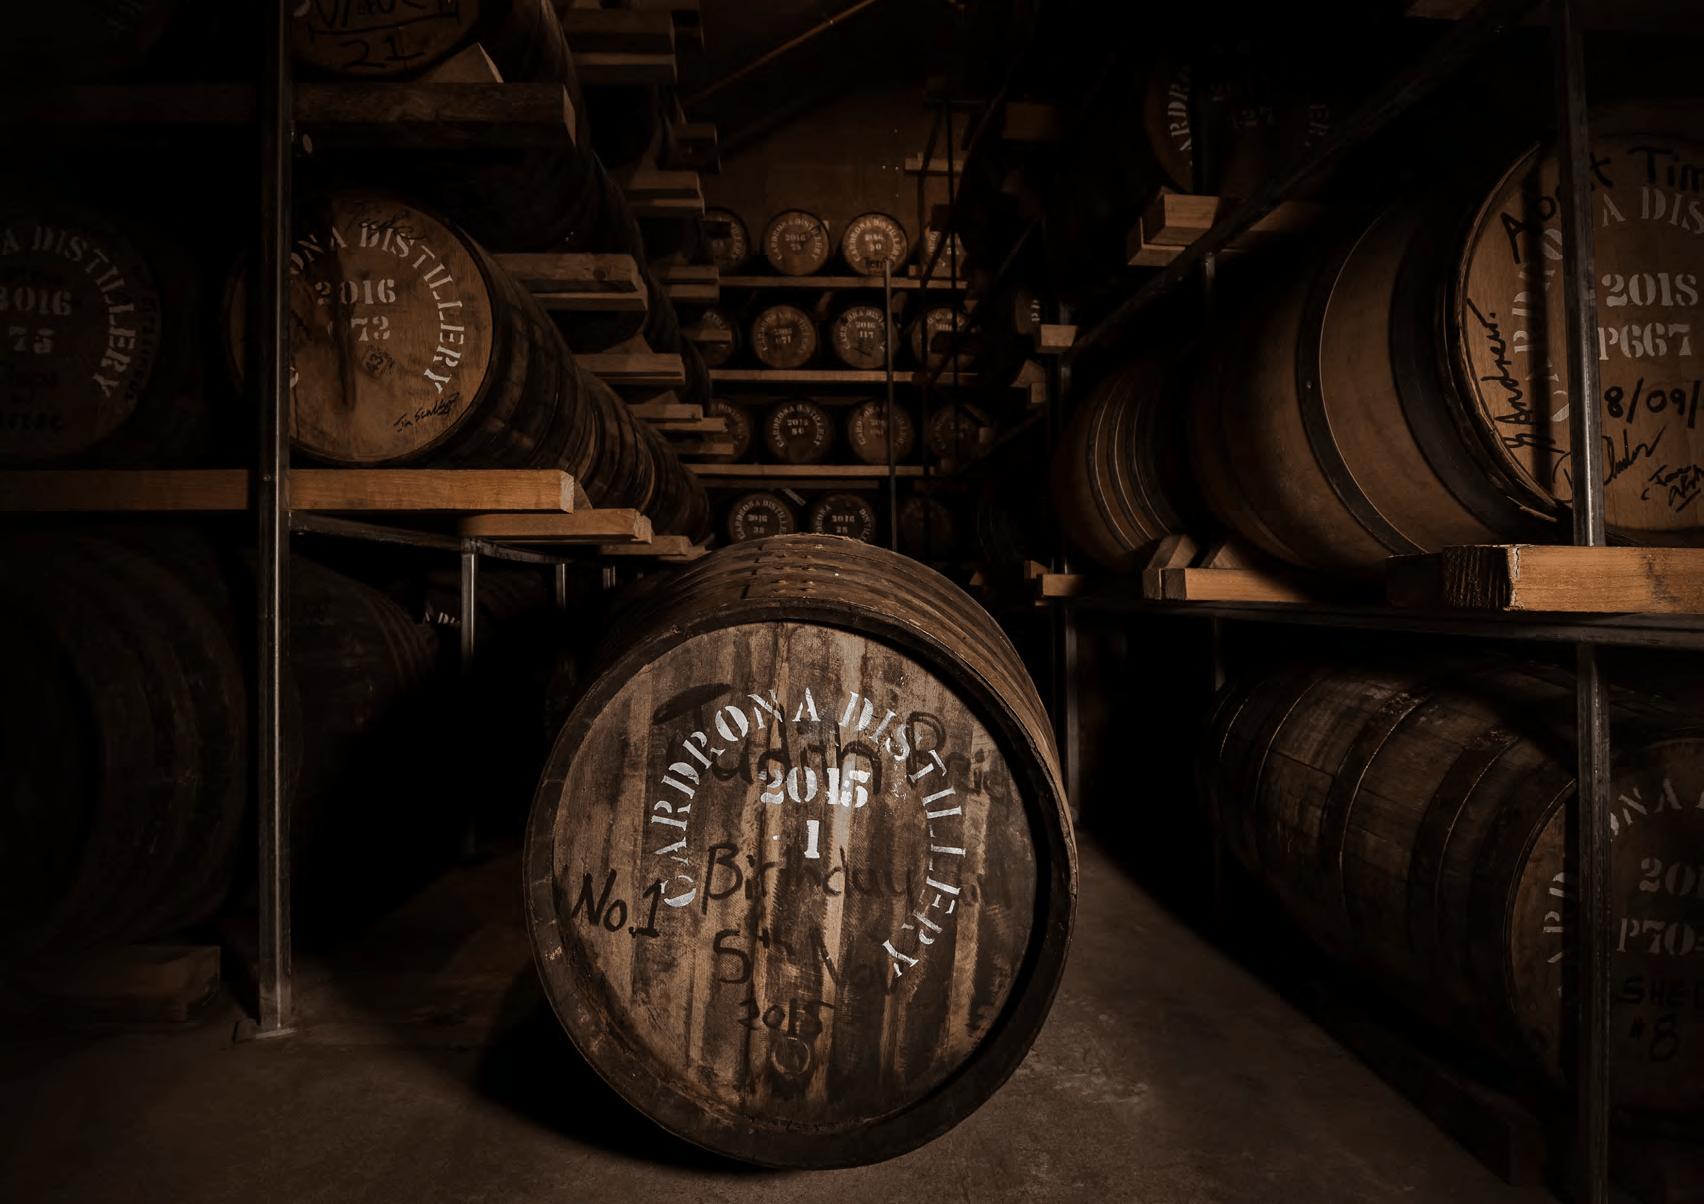 Cardrona Distillery Fife Whisky Festival